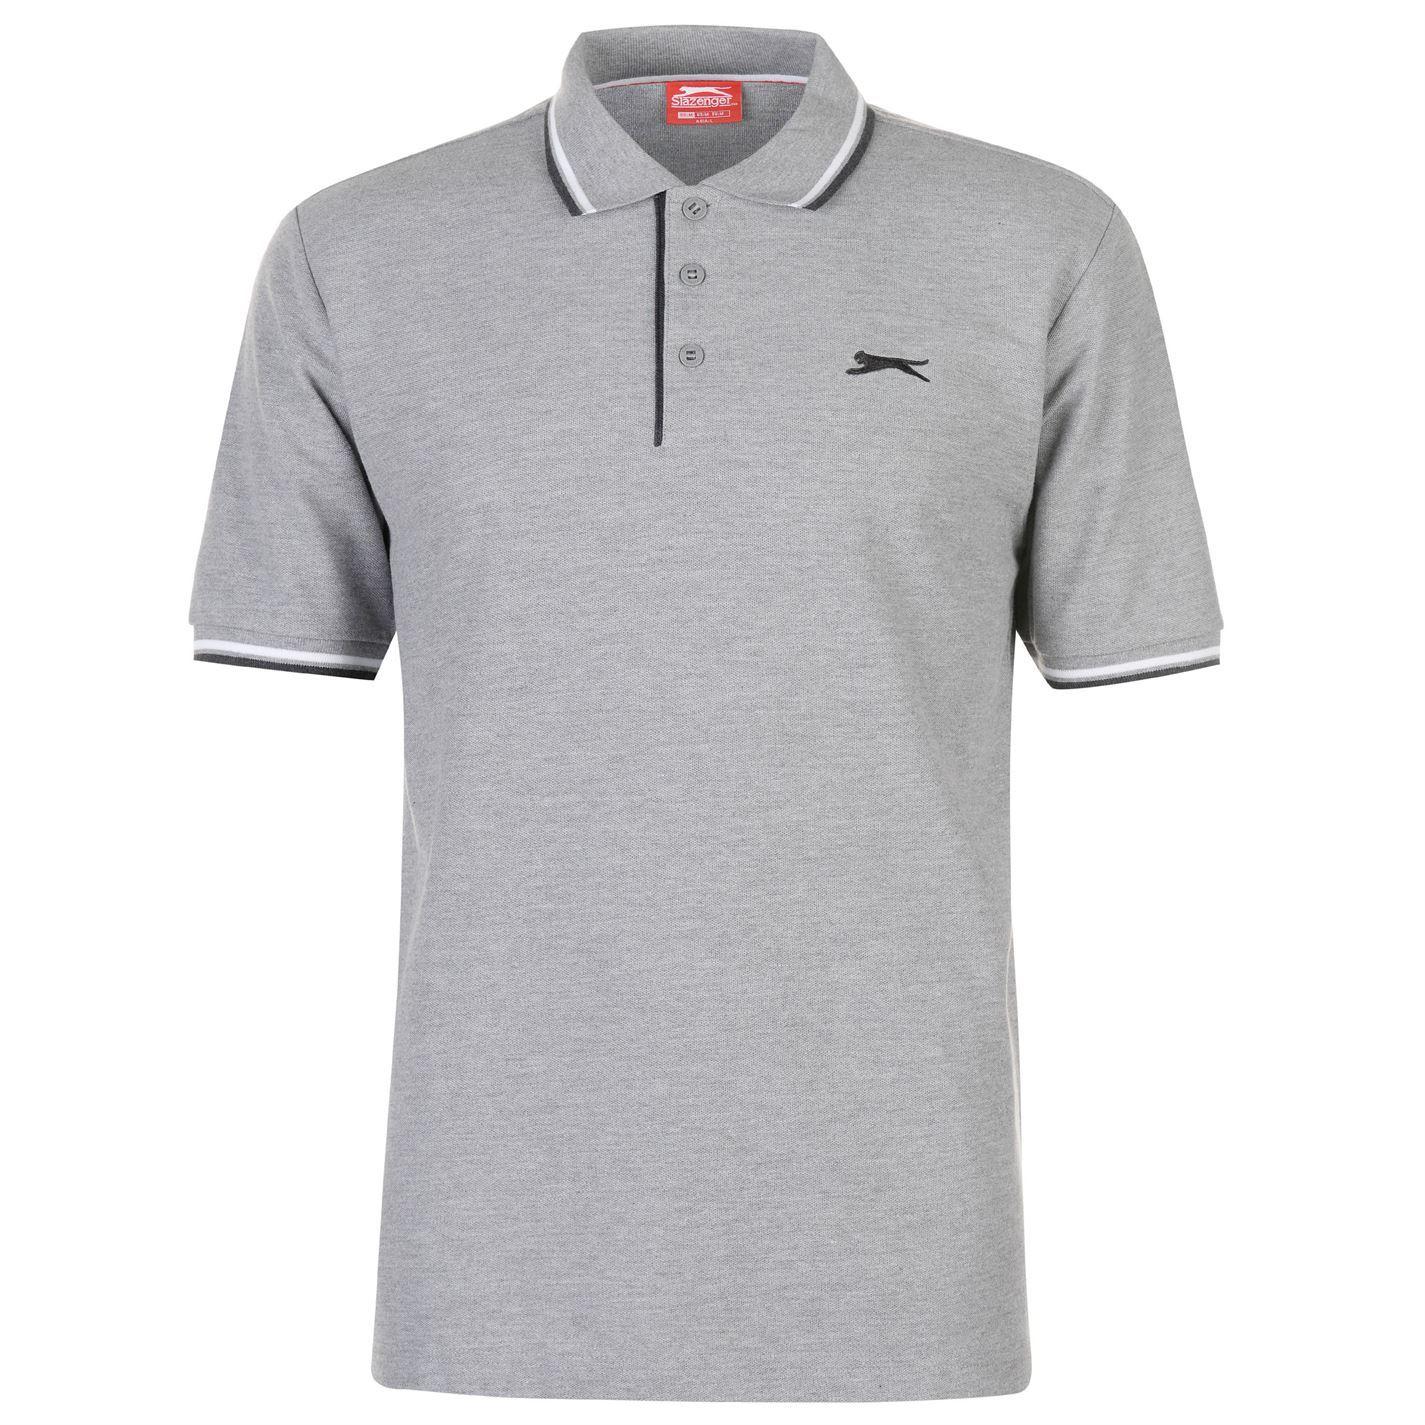 Slazenger-Polo-Camisa-de-hombre-con-cuello-con-Punta-T-Shirt-Top-Camiseta-Tee miniatura 37